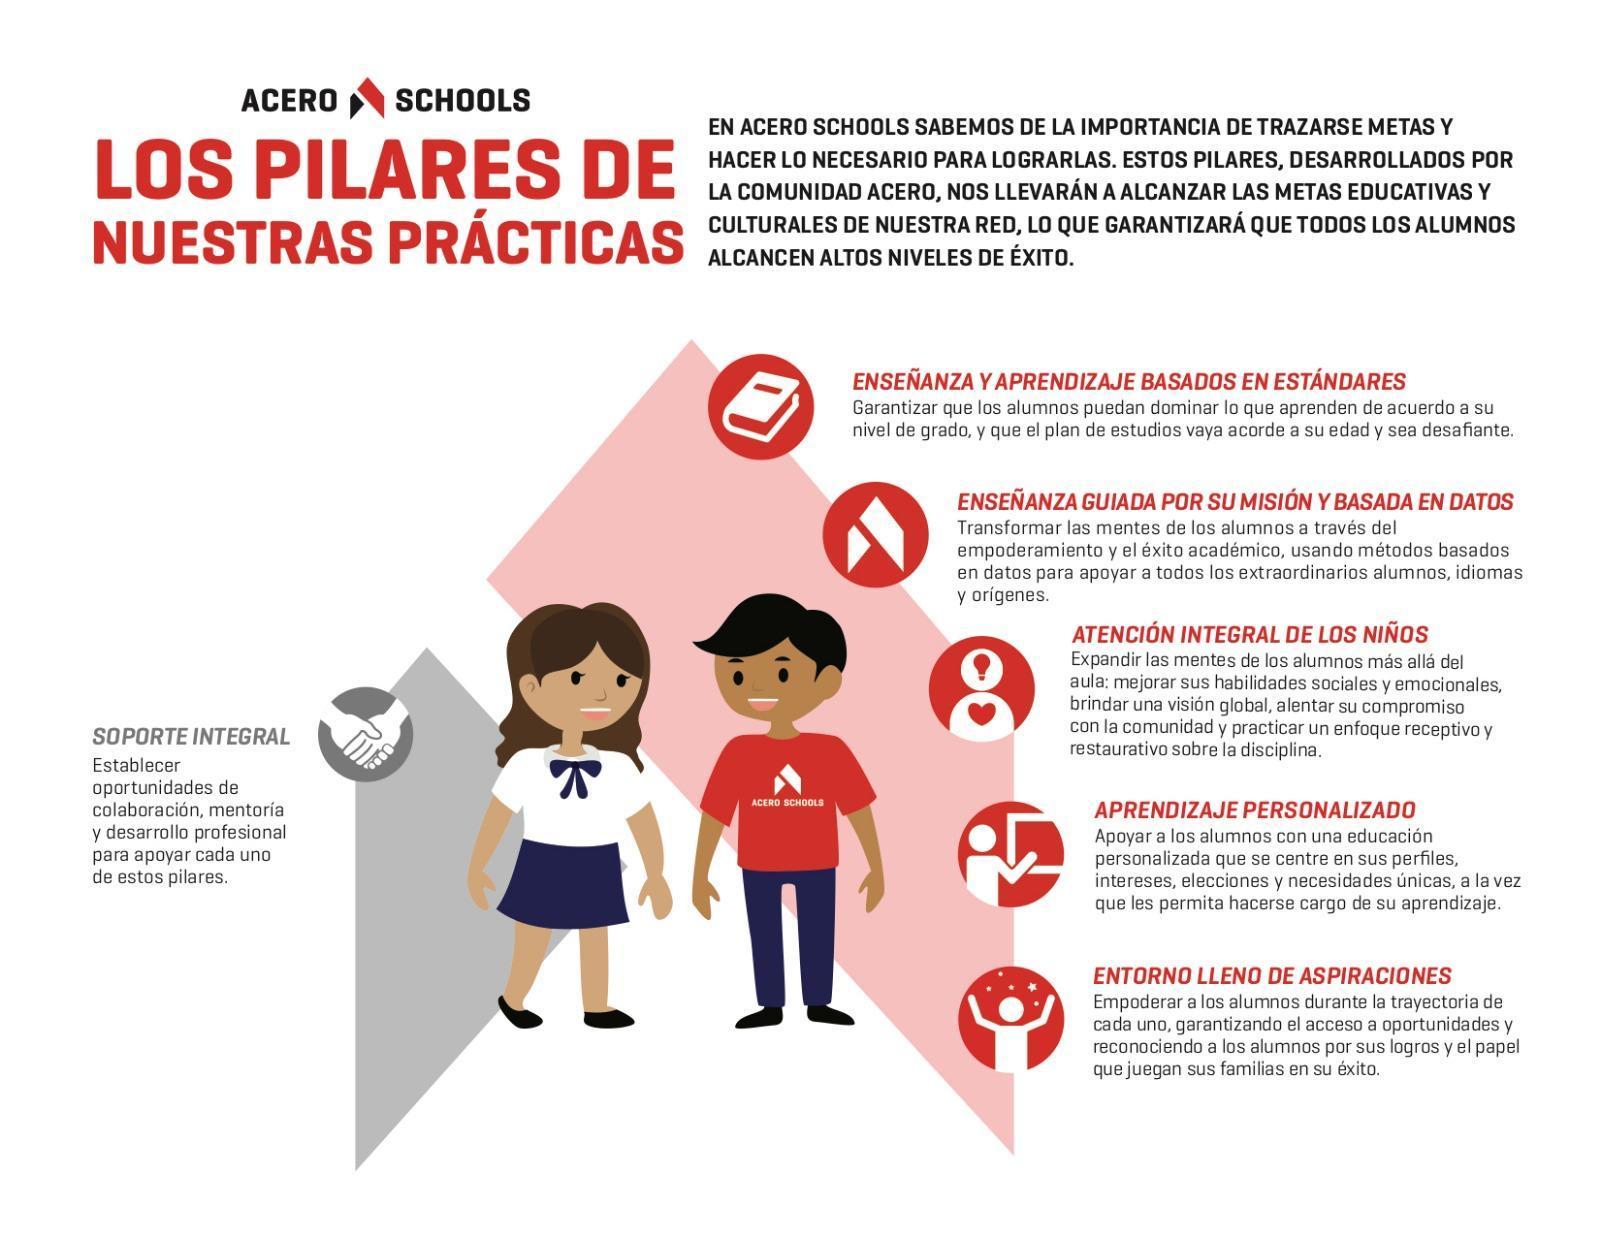 Acero Schools Pillars of Practice